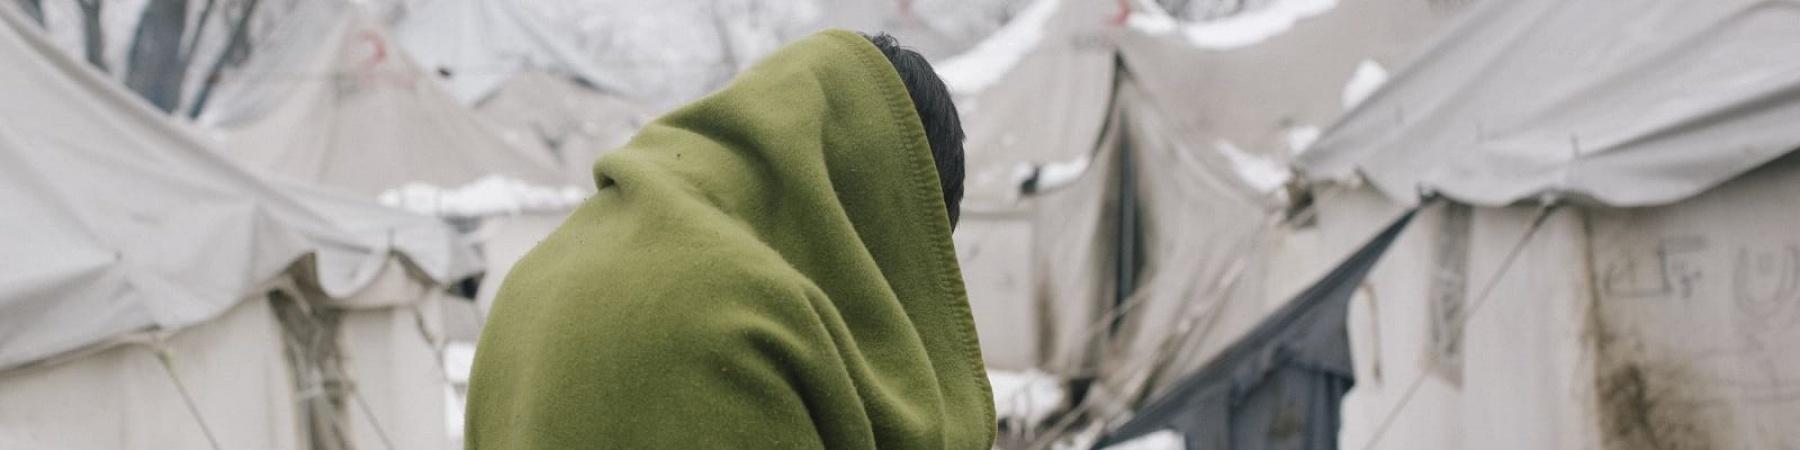 Minore avvolto di spalle avvolto in una coperta nel campo di Vucjak in Bosnia ed Erzegovina